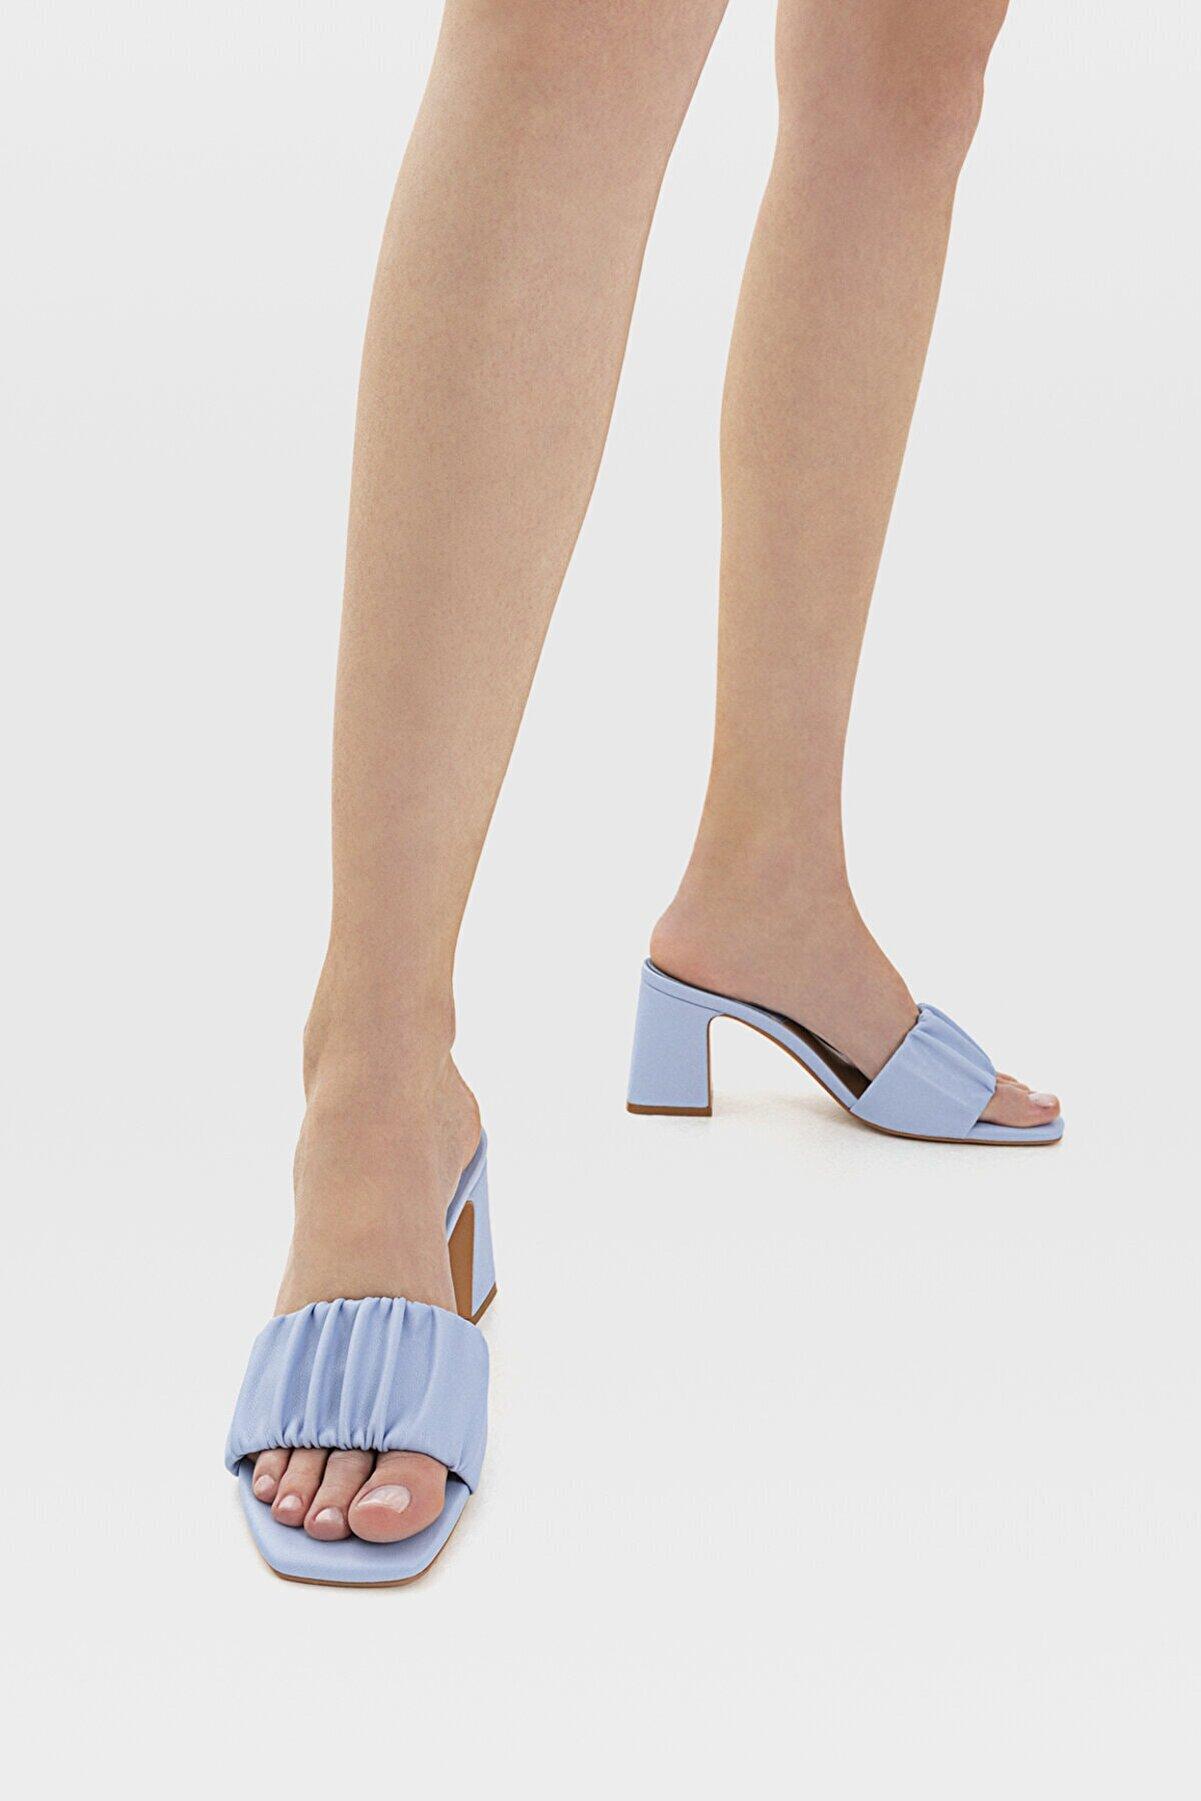 Stradivarius Kadın Mavi Büzgülü Bantlı Topuklu Sandalet